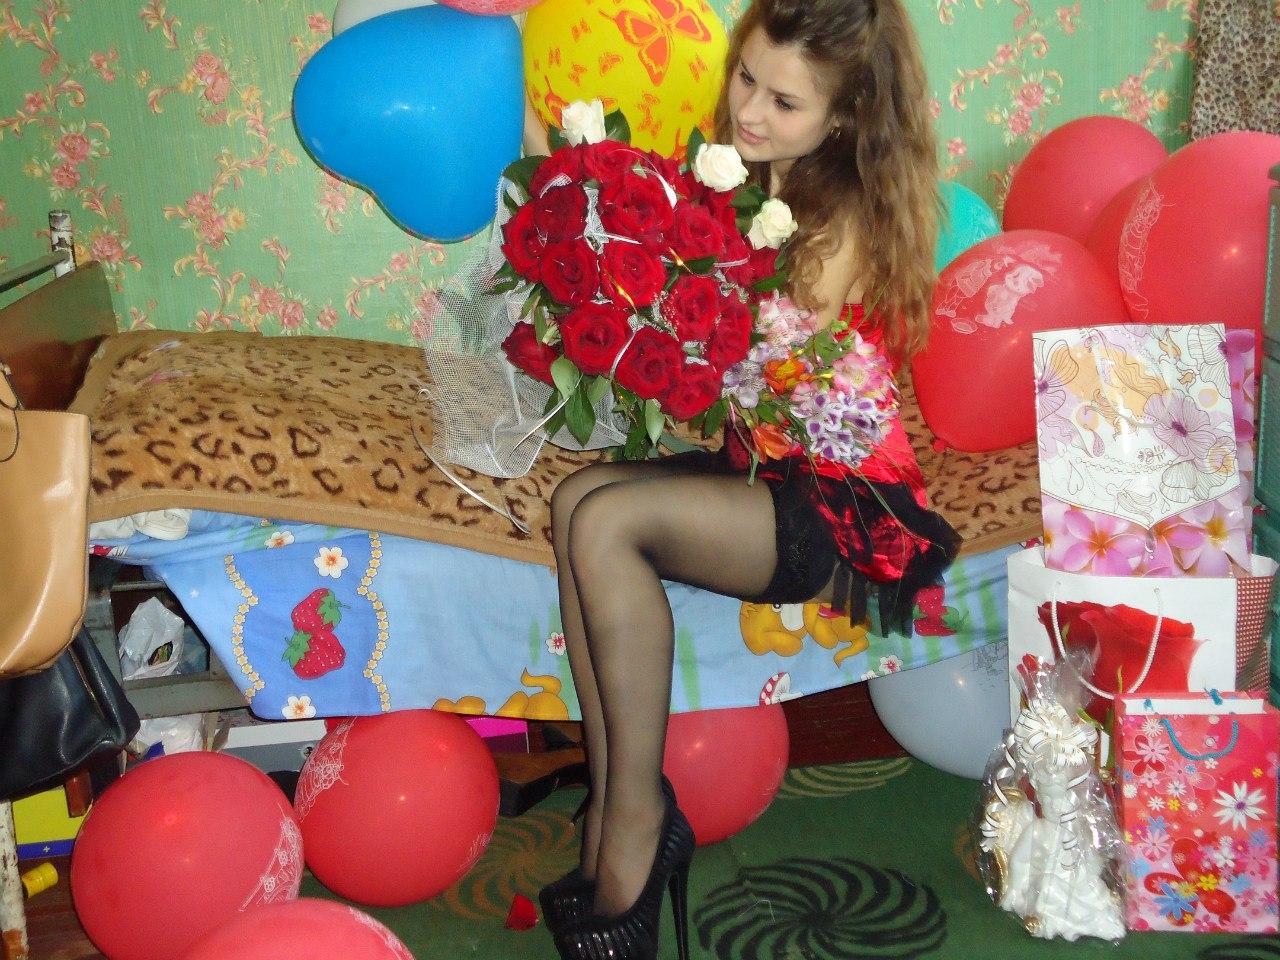 Праздничная девушка с большим букетом роз